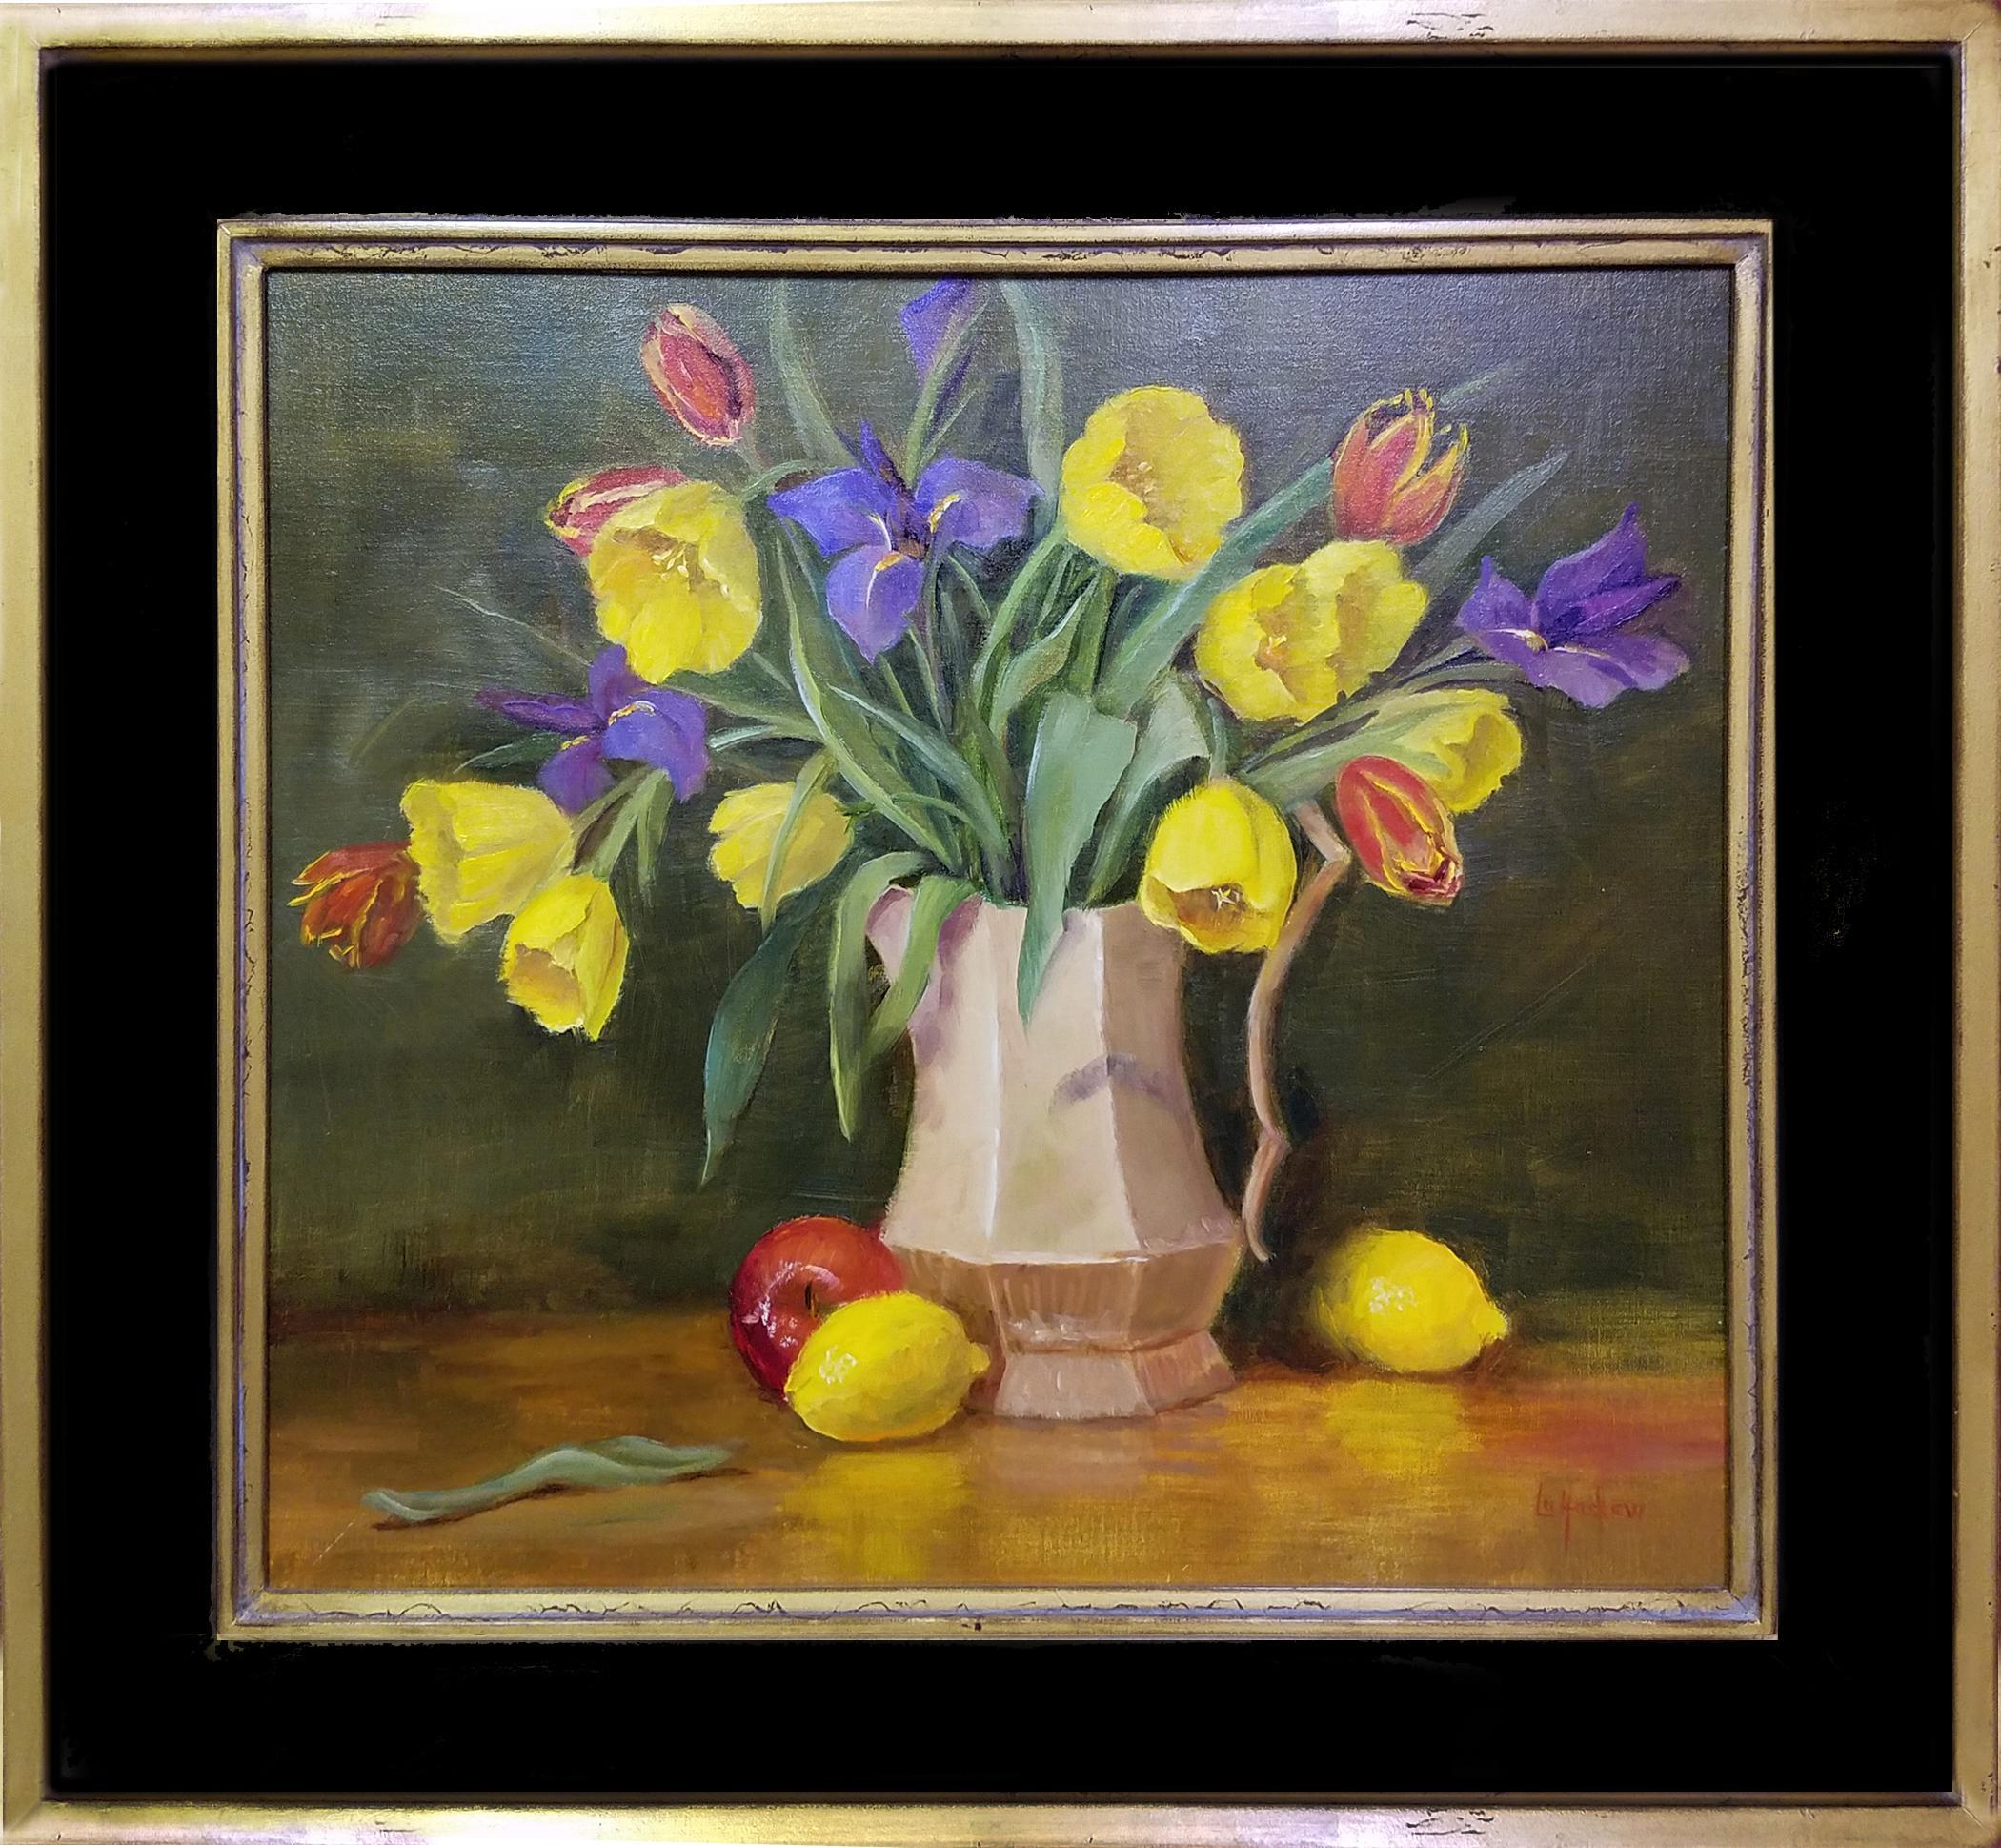 Primary Tulips